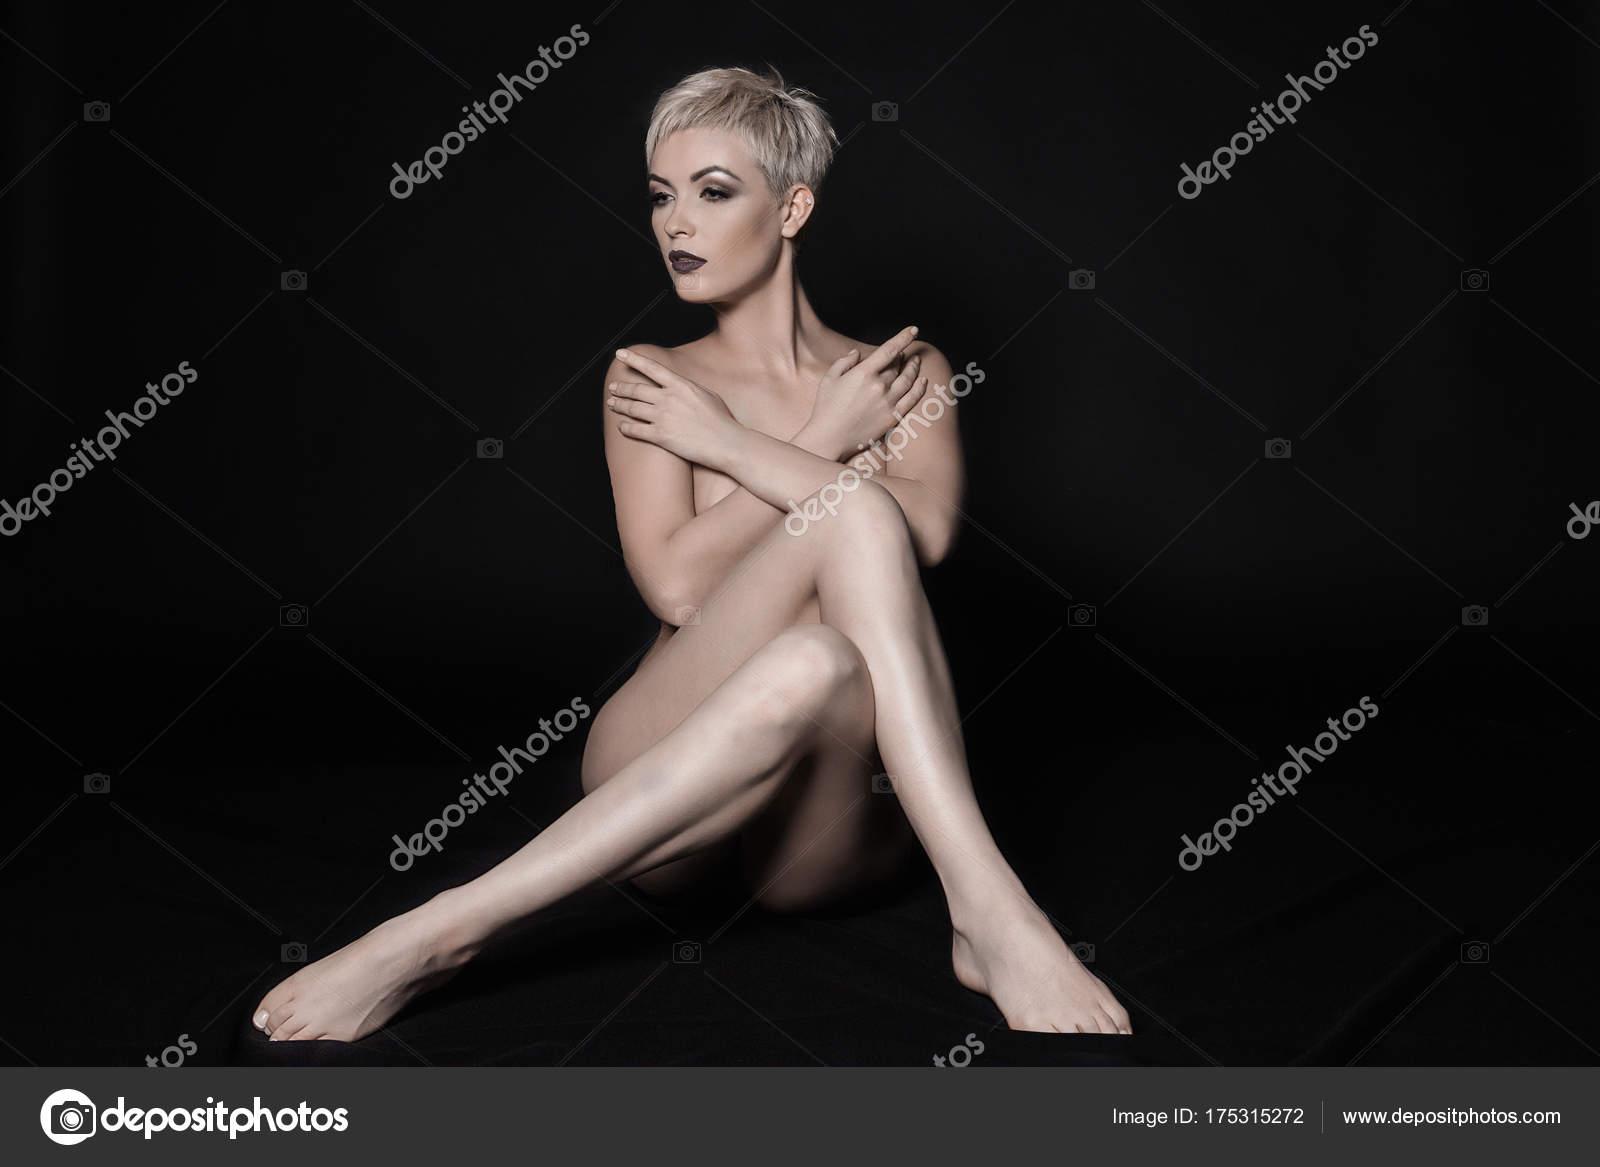 Naked female short legs long body galleries 122